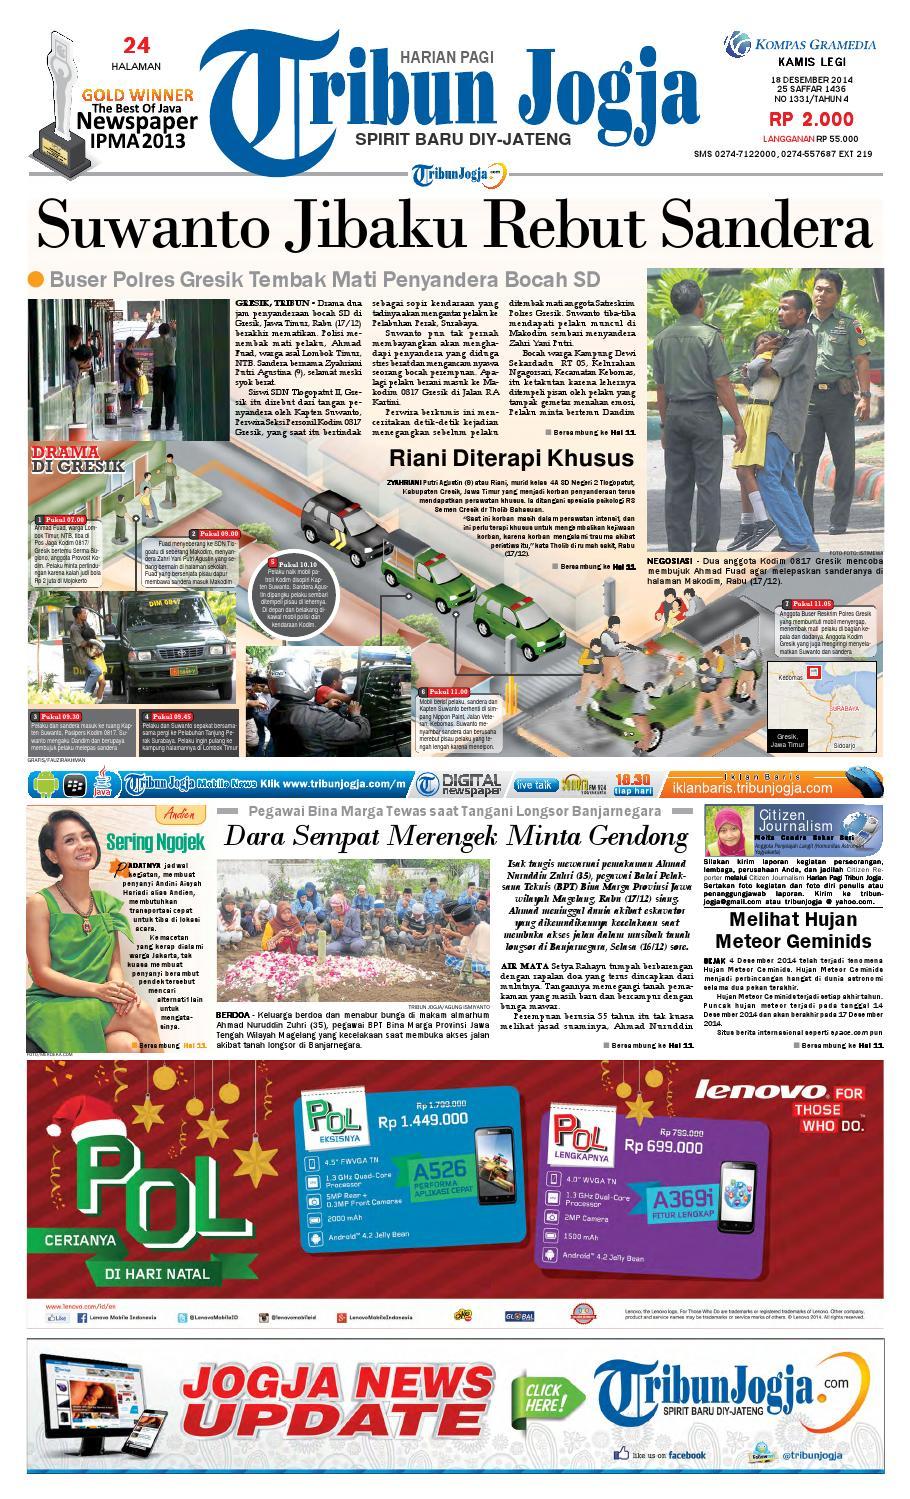 Tribunjogja 18 12 2014 By Tribun Jogja Issuu Produk Ukm Bumn Kain Batik Middle Premium Sutera